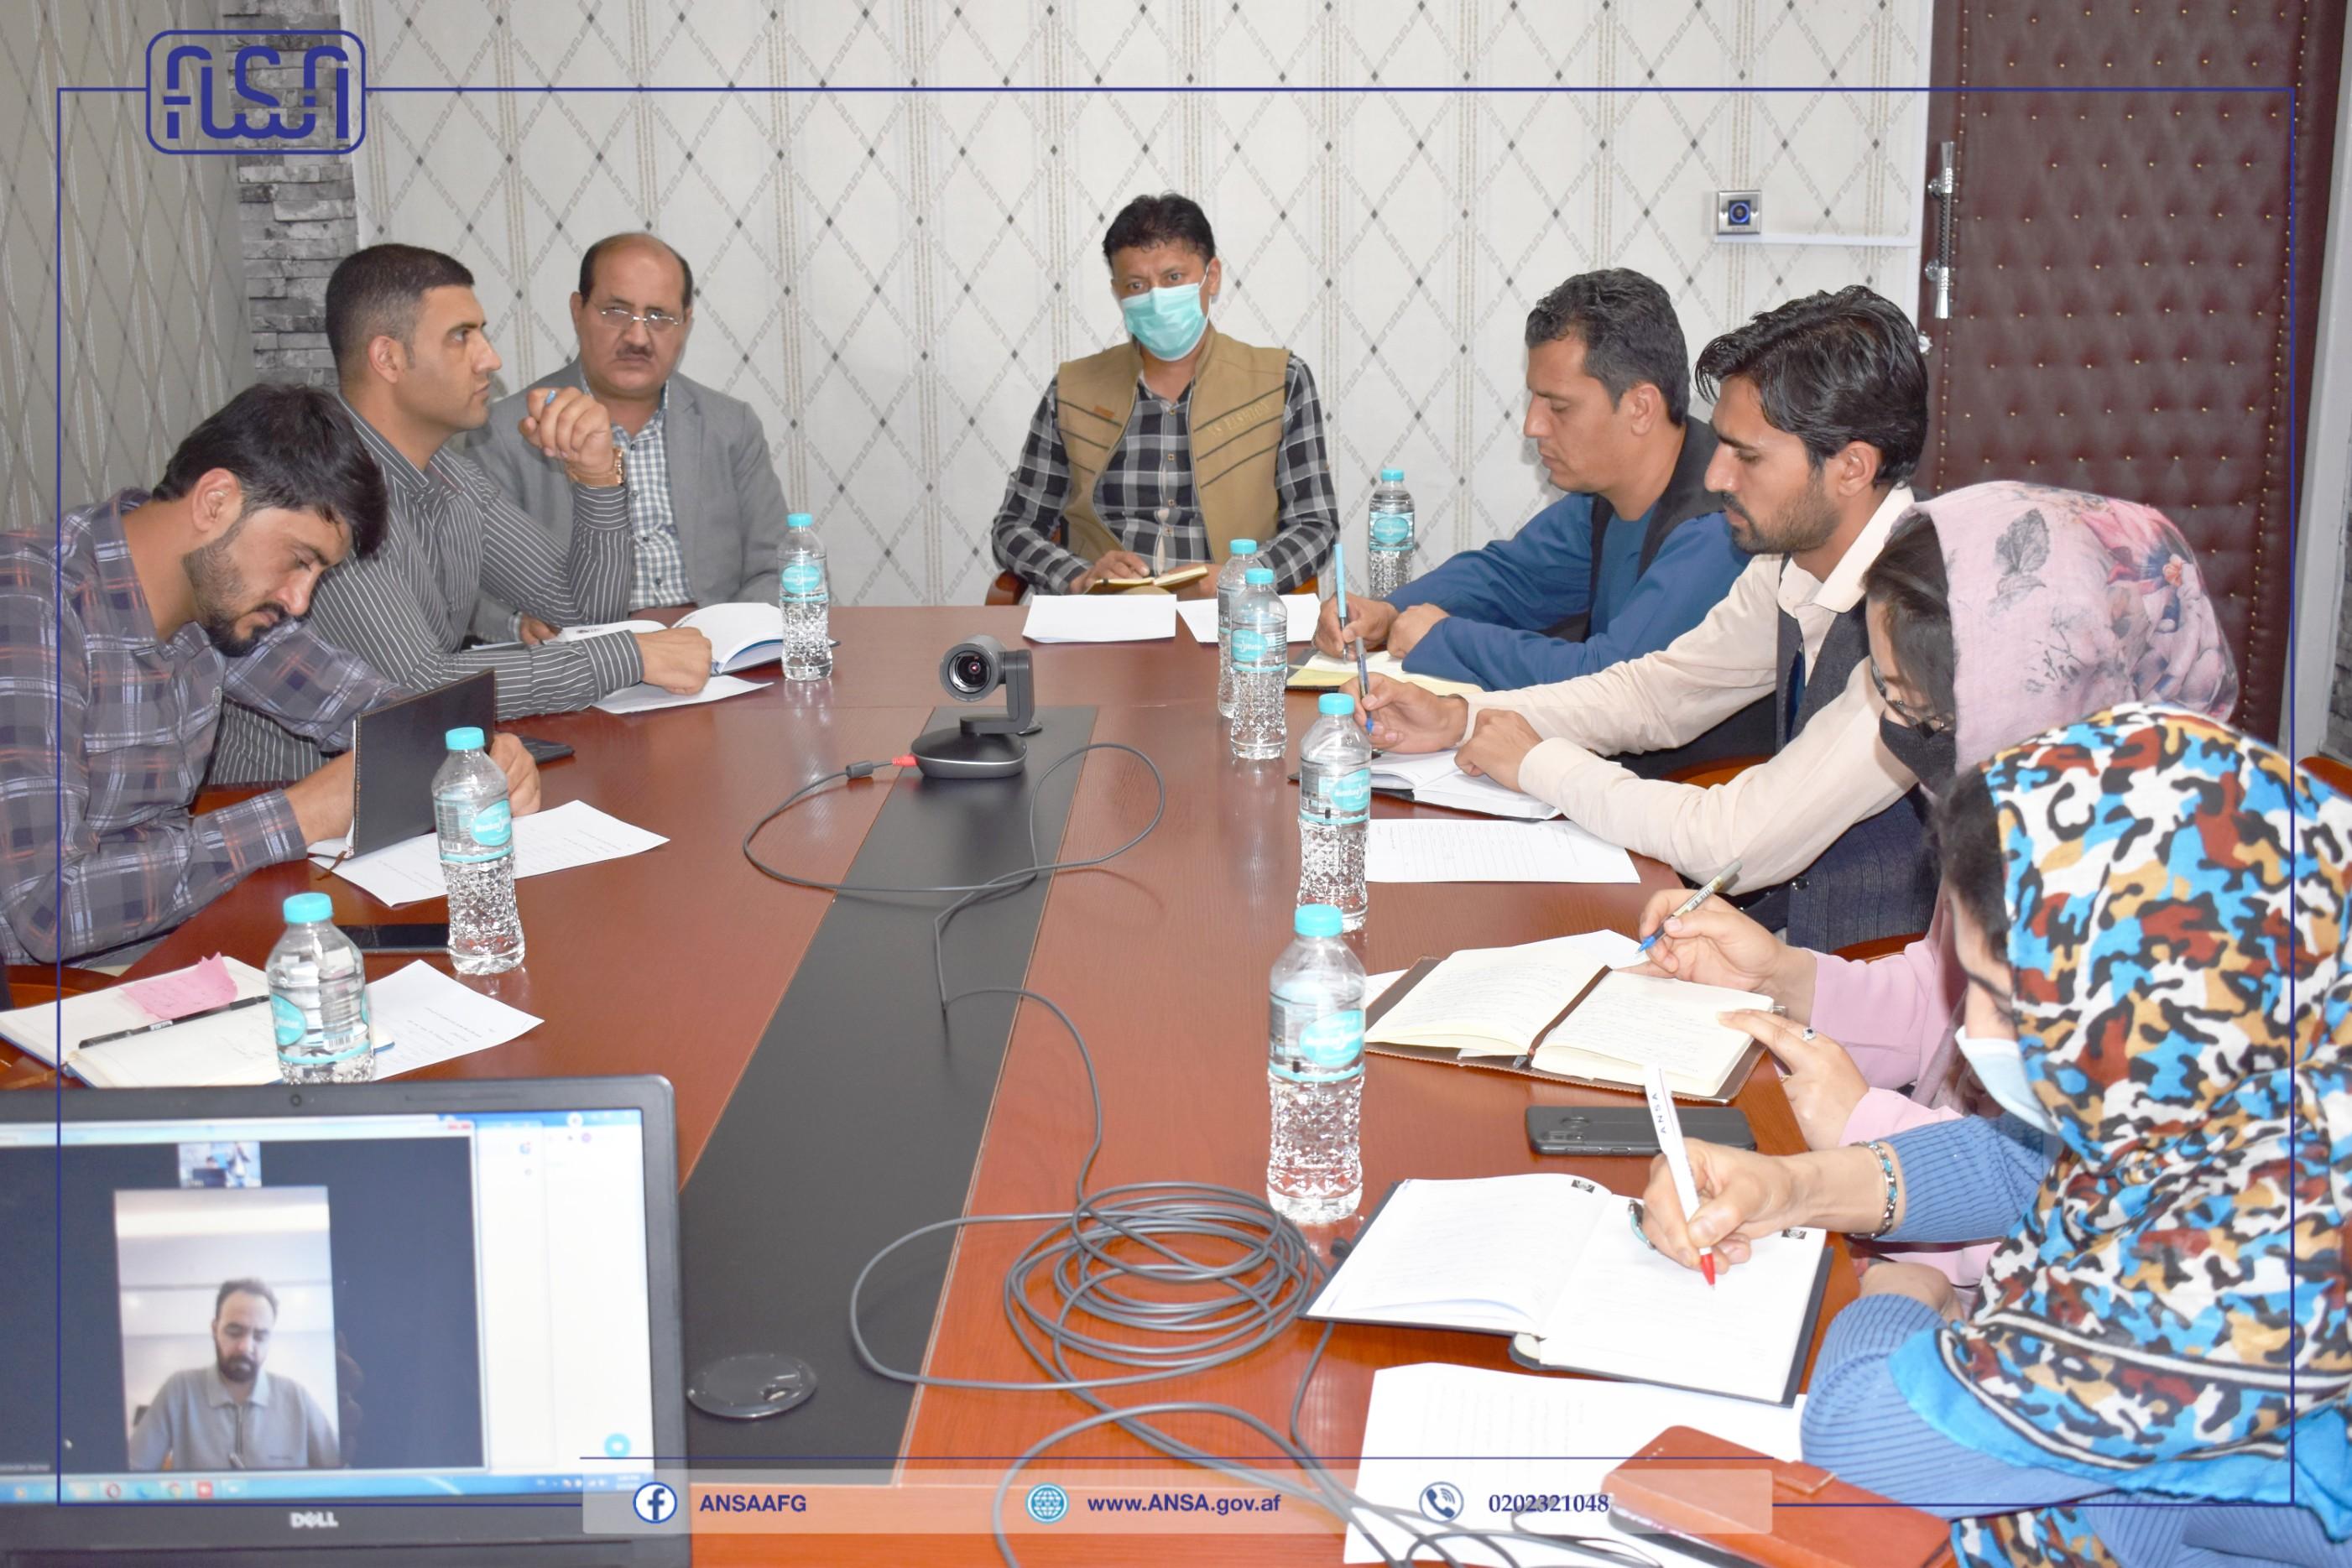 جلسه  مجازی به رهبری رئیس عمومی اداره ملی ستندرد تدویر یافت.